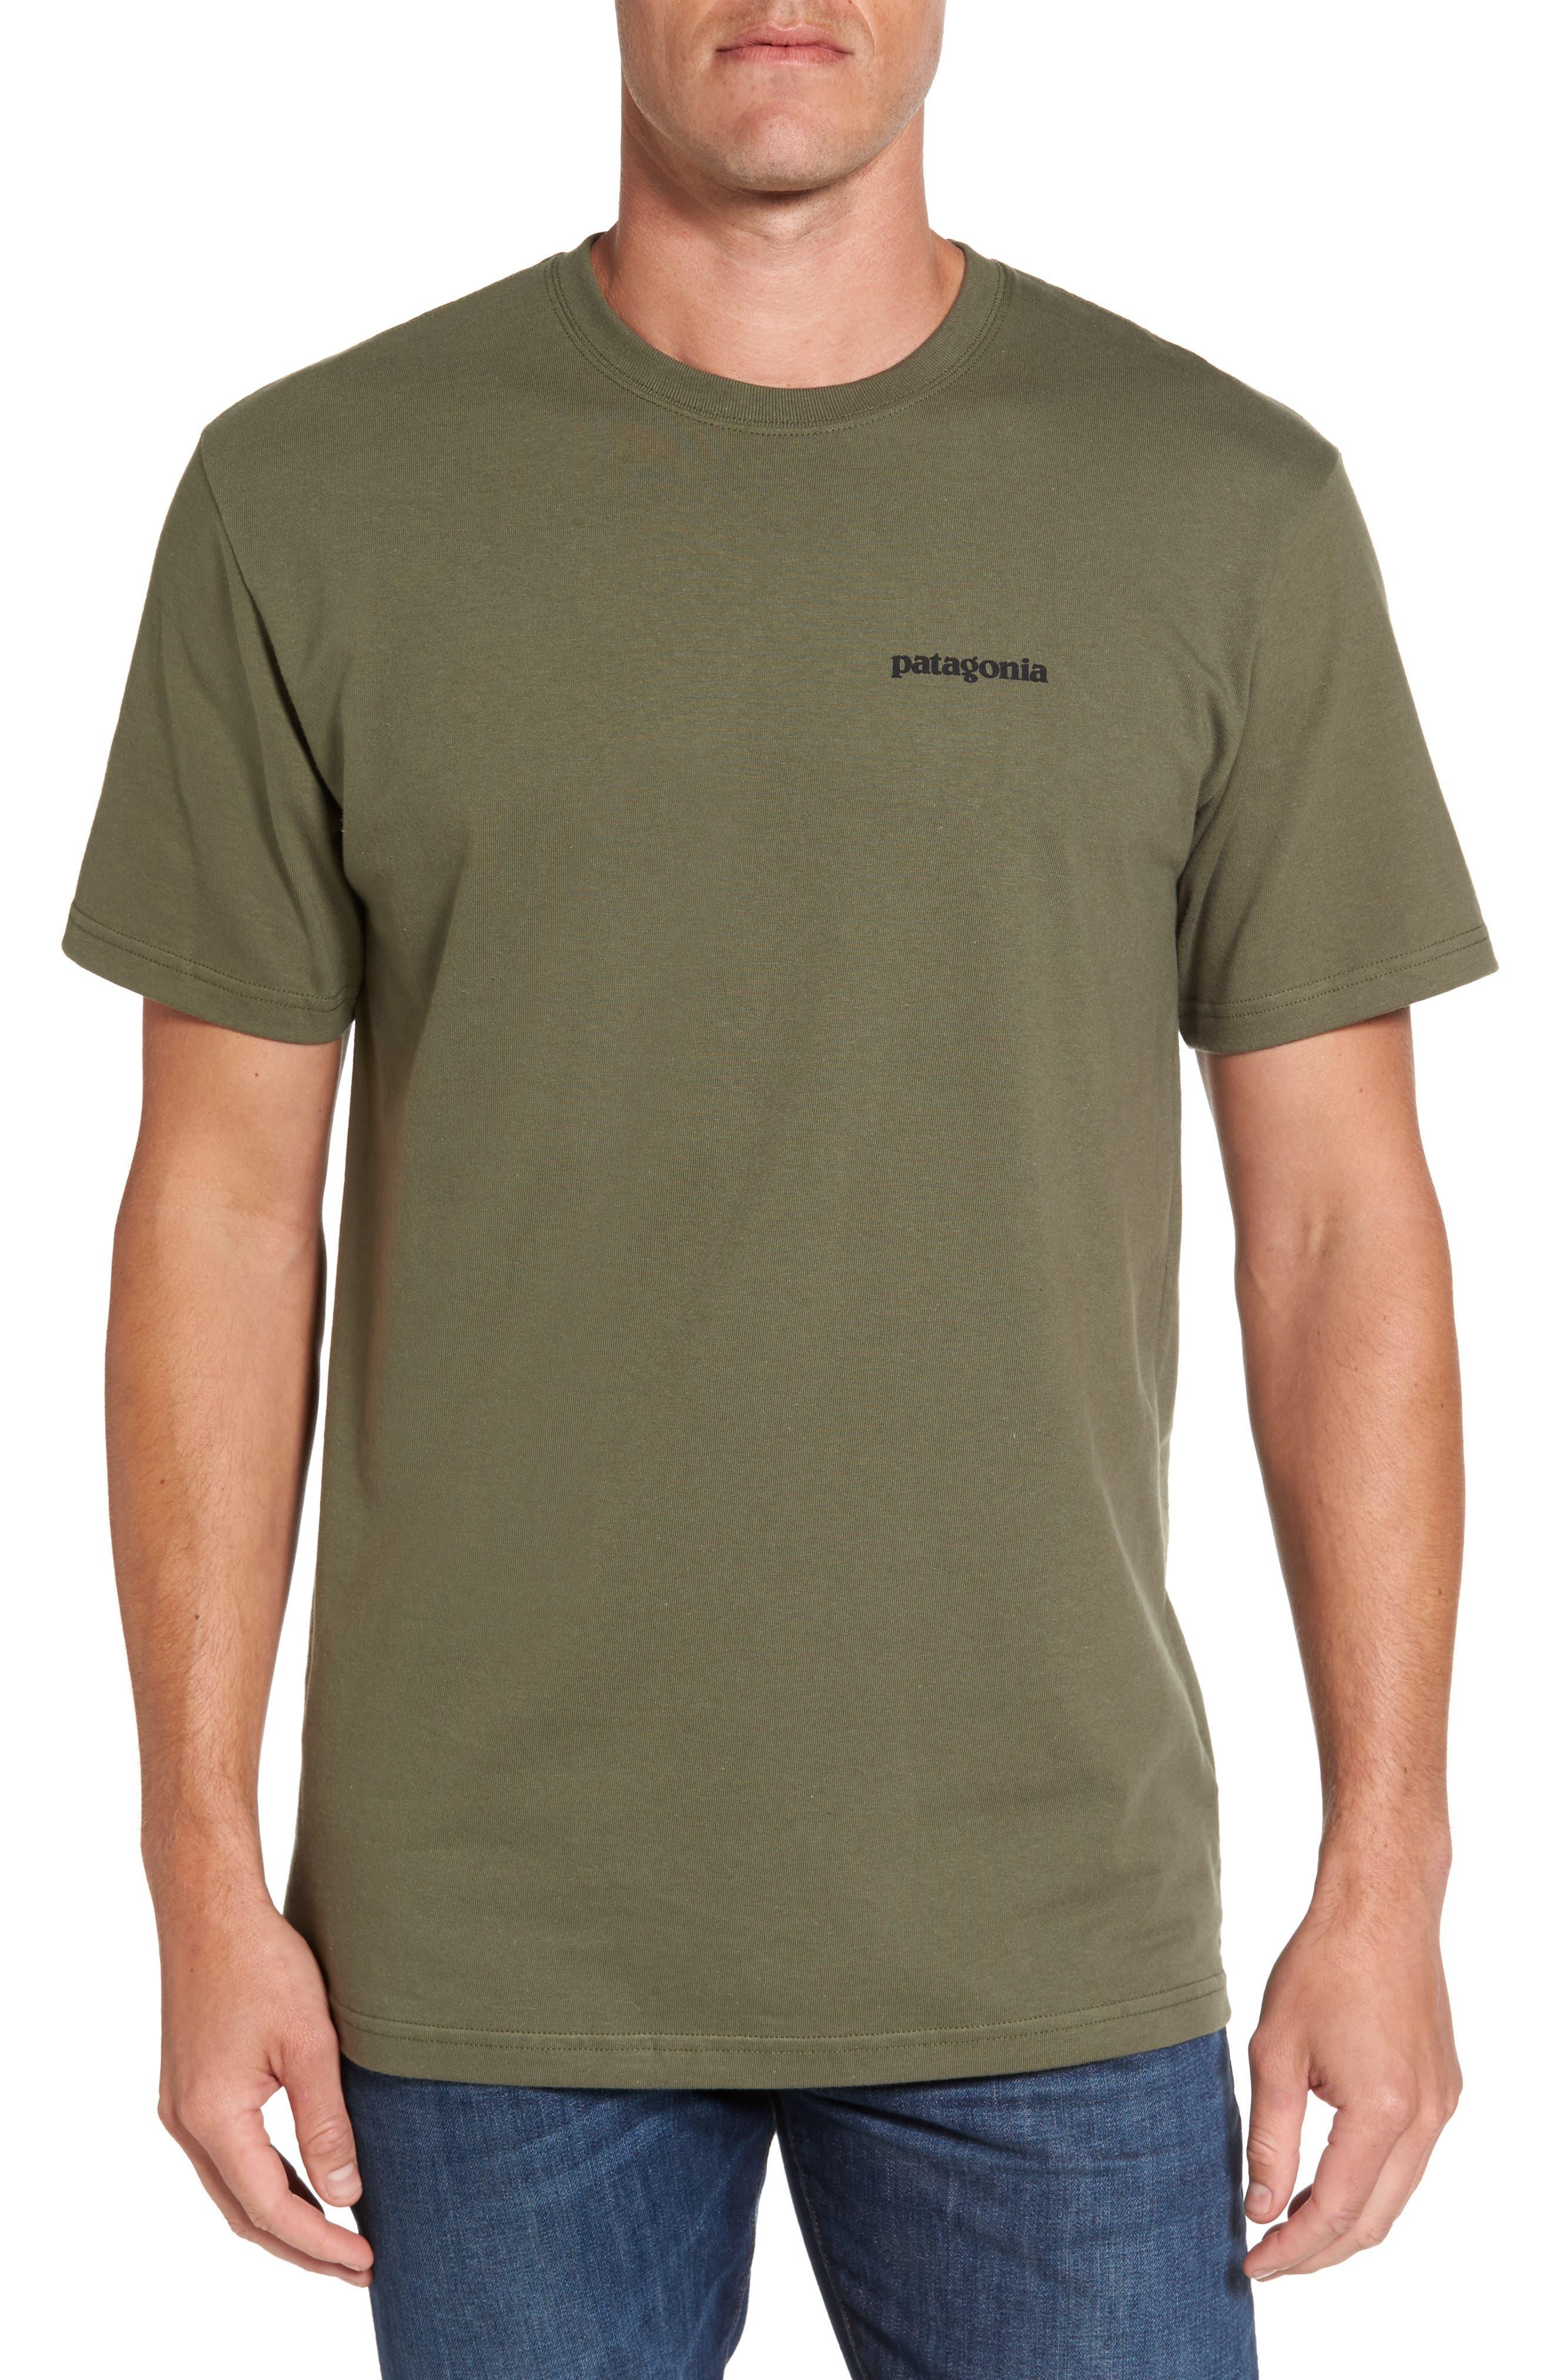 Alternate Image 2  - Patagonia 'P-6 Logo' Organic Cotton T-Shirt